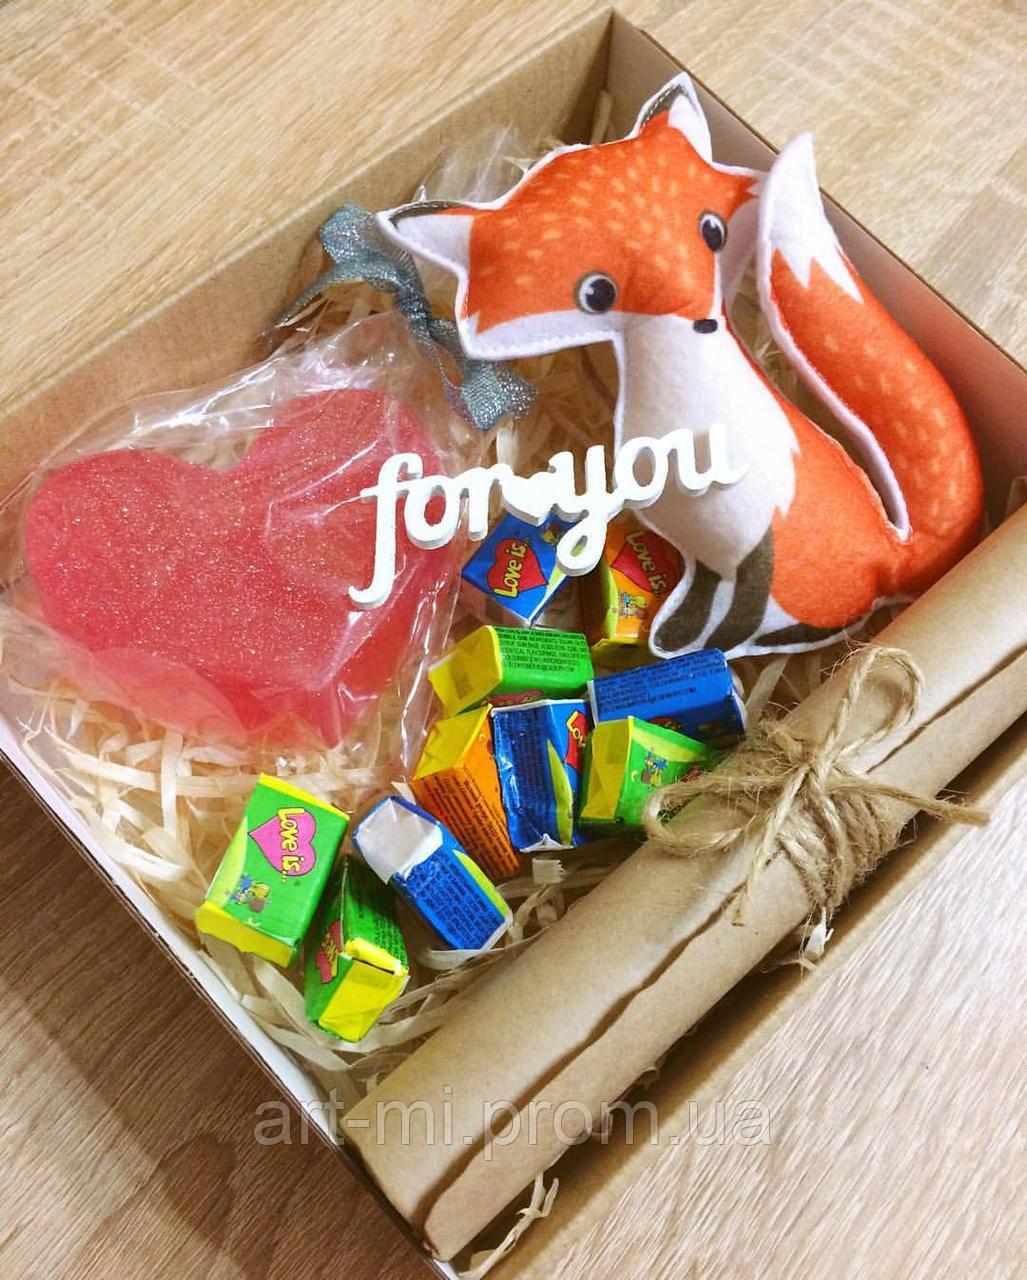 Подарочный набор Happy box #24 - Art Mi в Николаеве